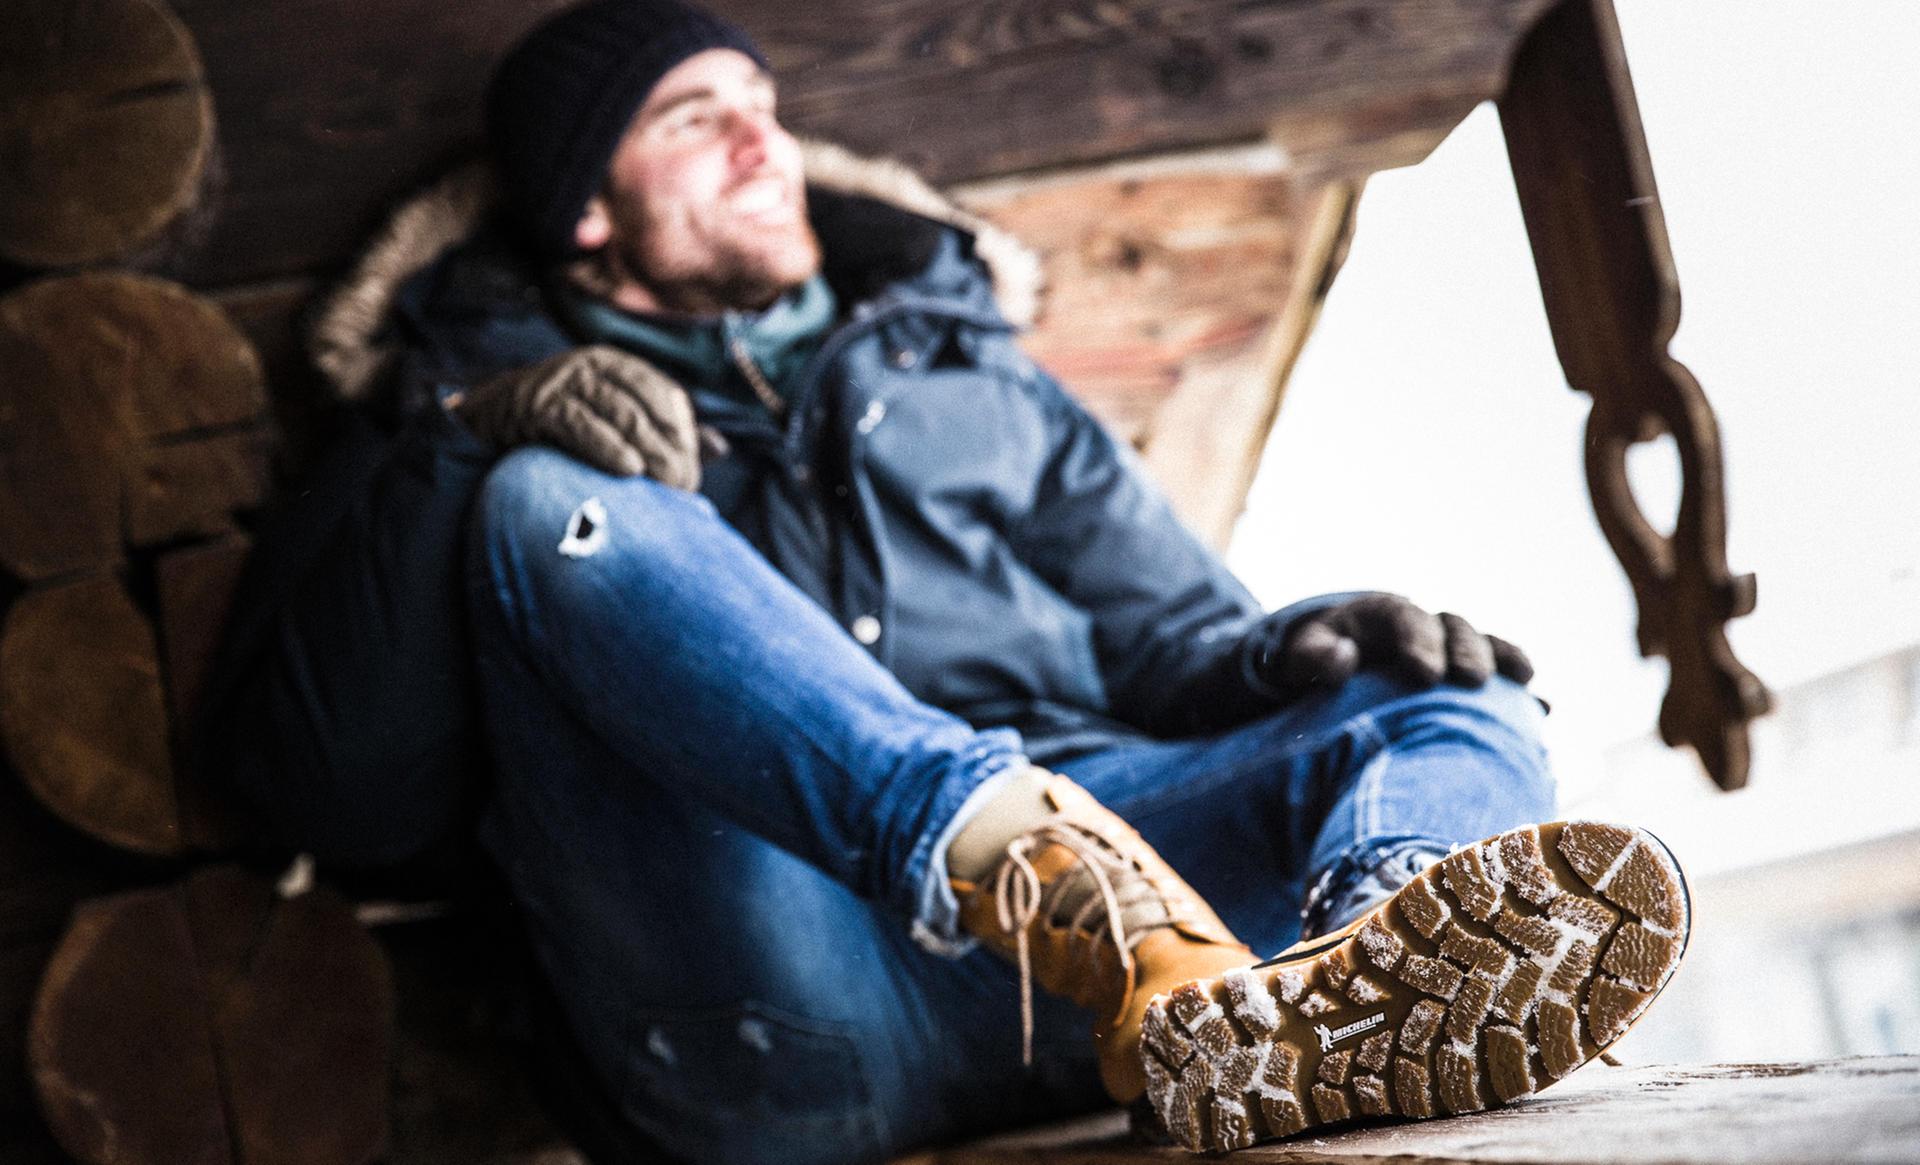 Winterreifen an den Füßen: Hanwag-Schuhe haben richtig Grip